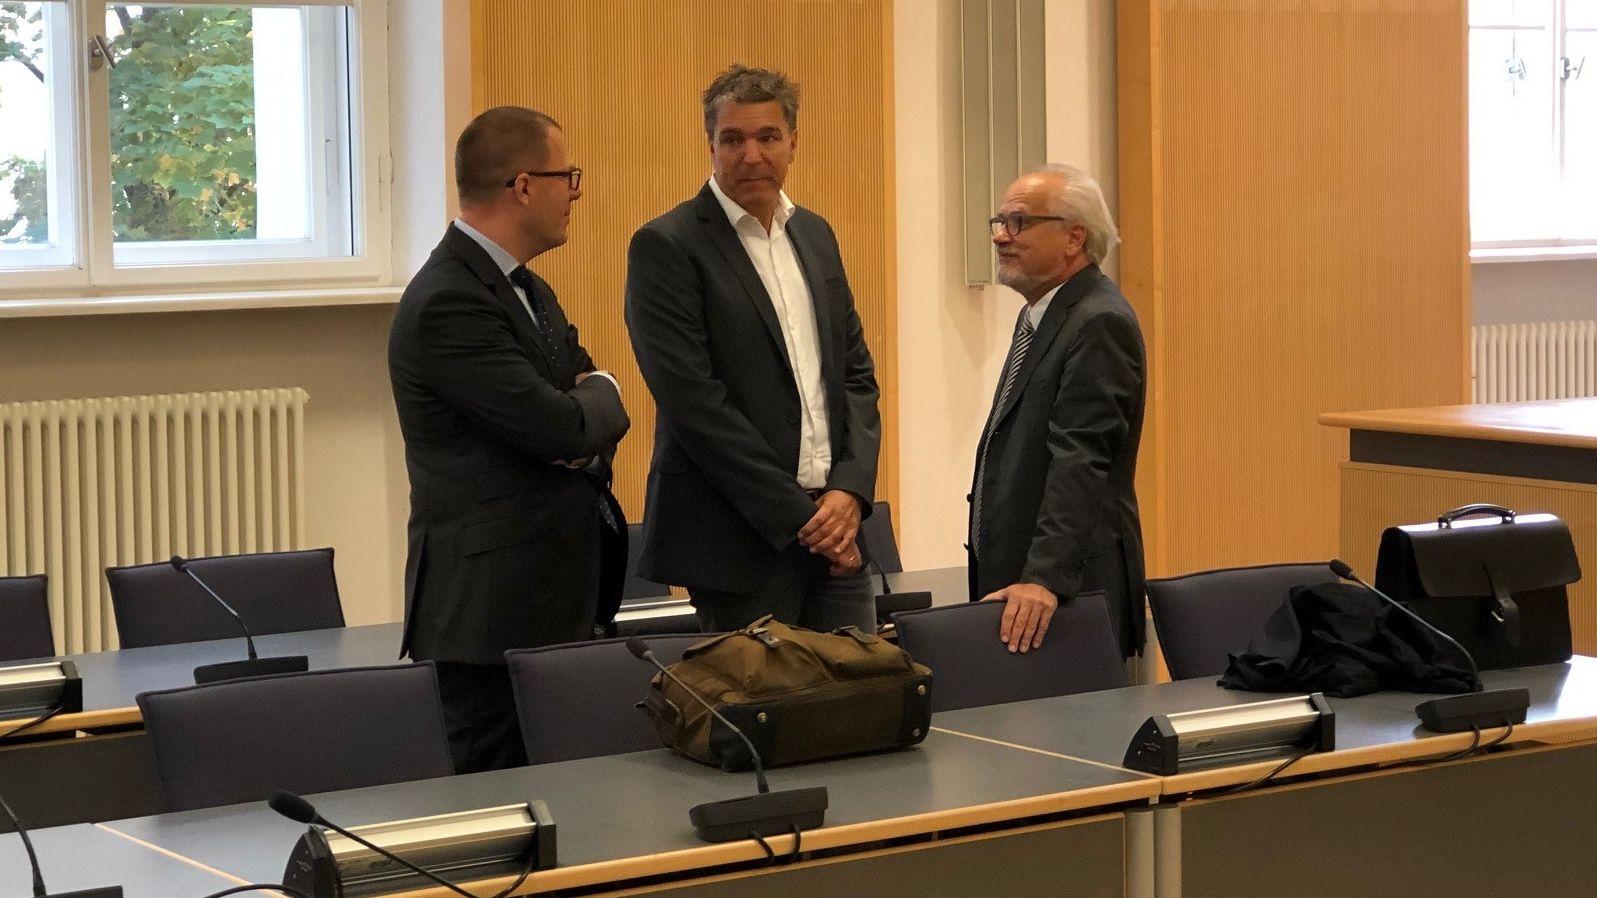 Der angeklagte Ex-Bayern-Ei-Chef Stefan Pohlmann (Mitte) vor Prozessbeginn mit seinen Anwälten.